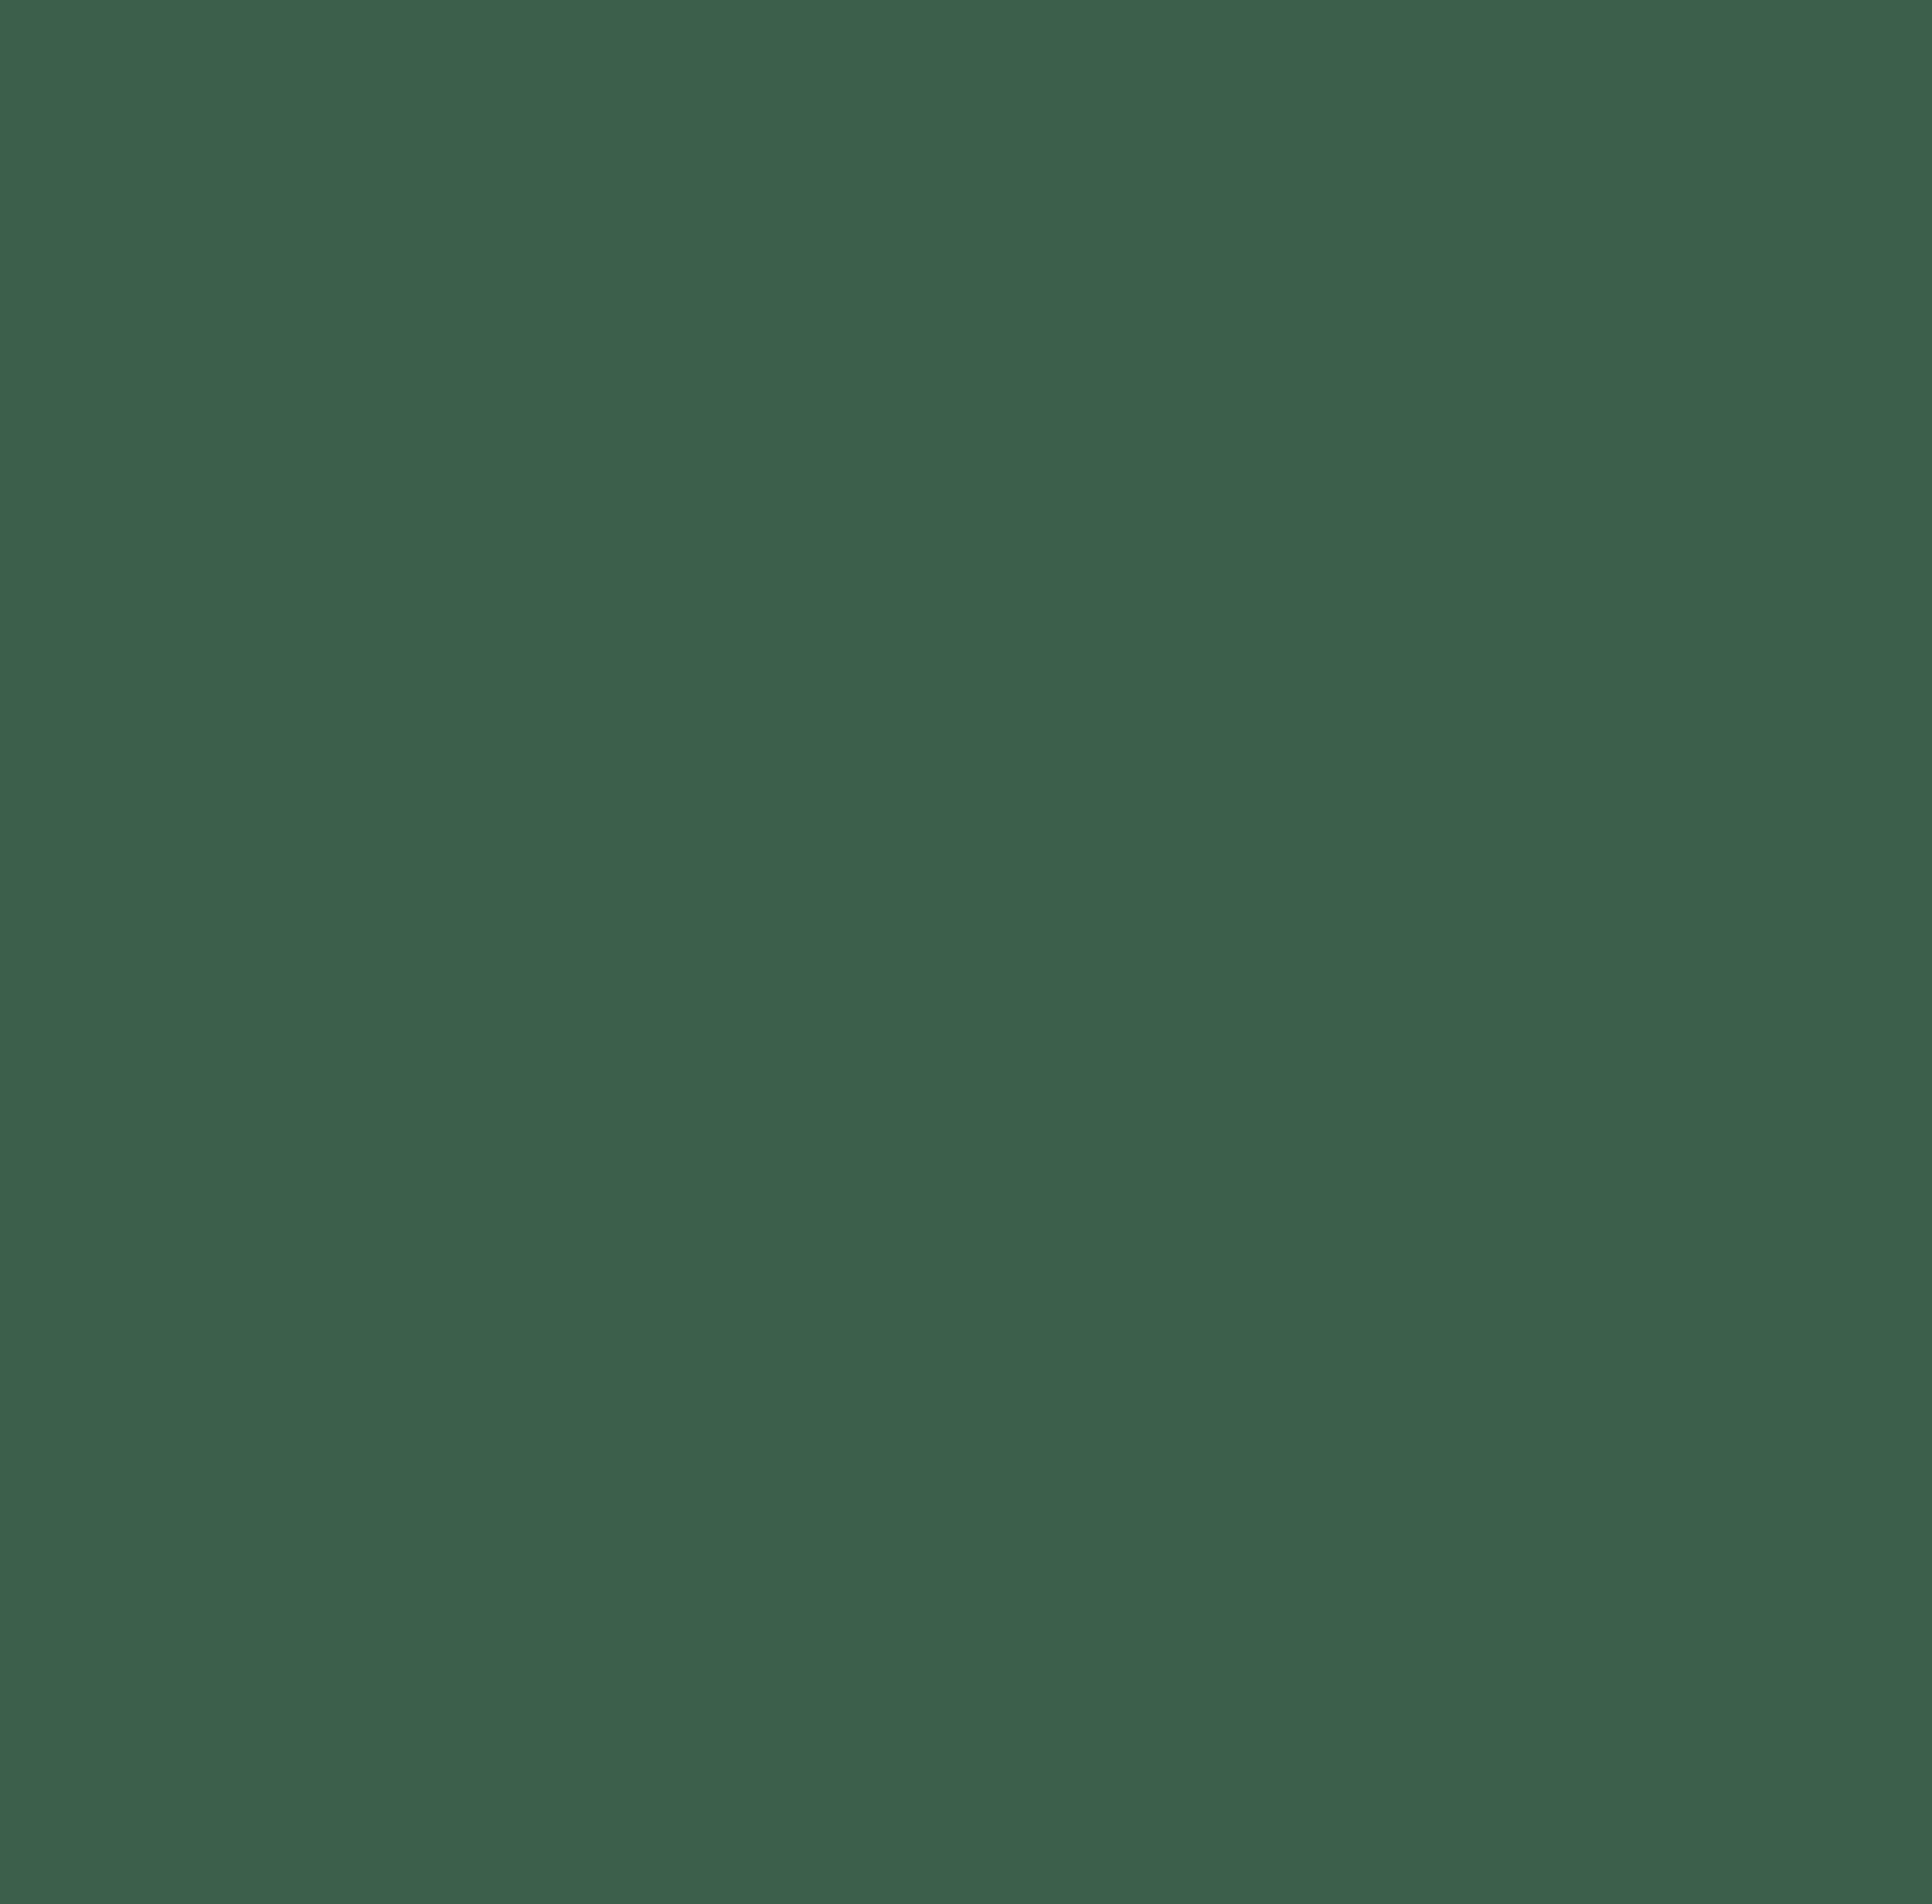 Mariusgruppen AS